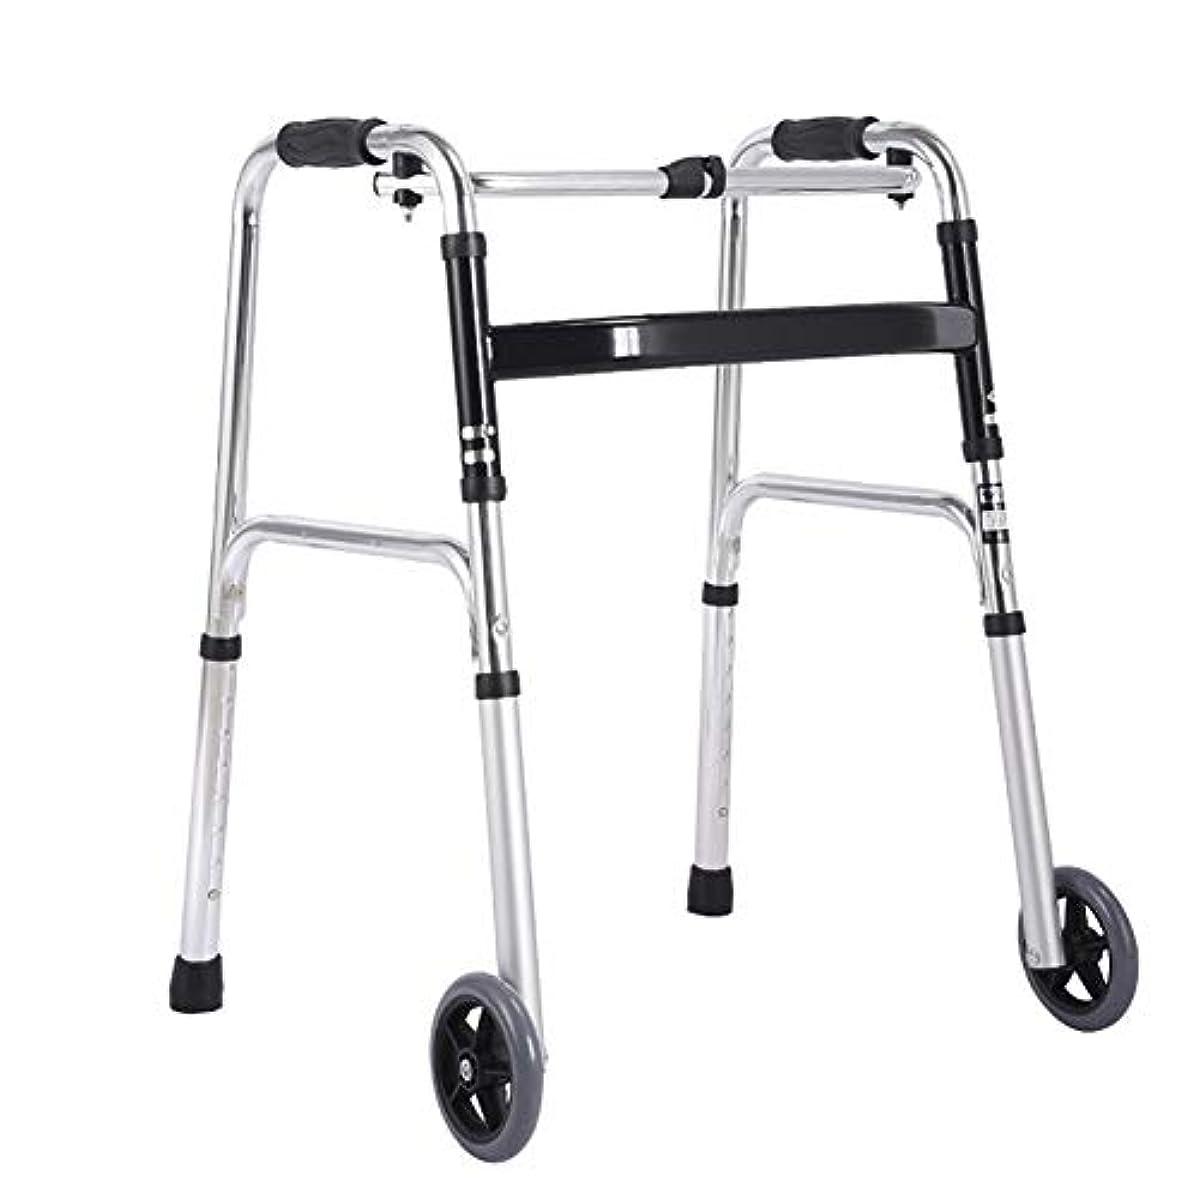 ラインナップ貫通するスリンクBNSDMM 步行器 ウォーカー - 高齢者用ウォーカー高齢者用ウォーカー補助ウォーカーウォーキングスタッフチェアスツールトロリー折りたたみ - サイズ:55 * 48 *(69-89)cm